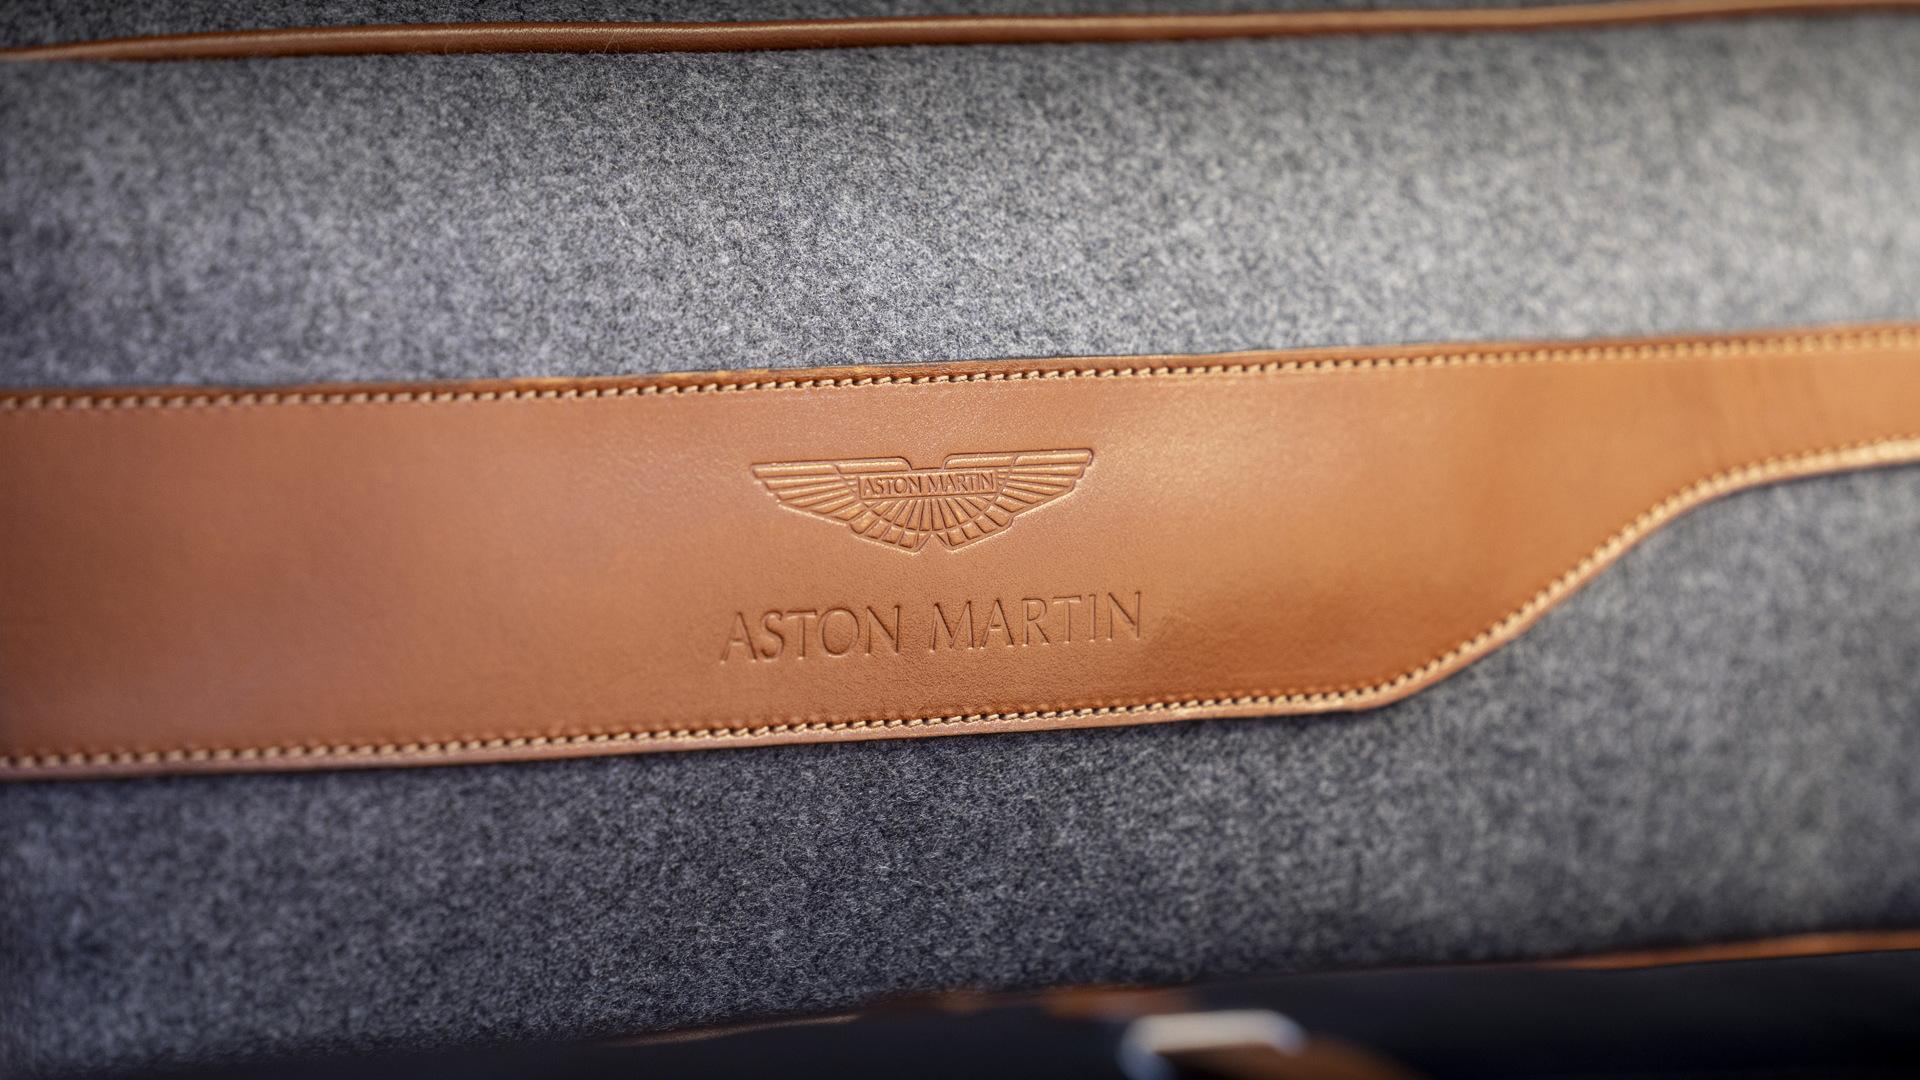 Aston Martin DBX lifestyle accessories